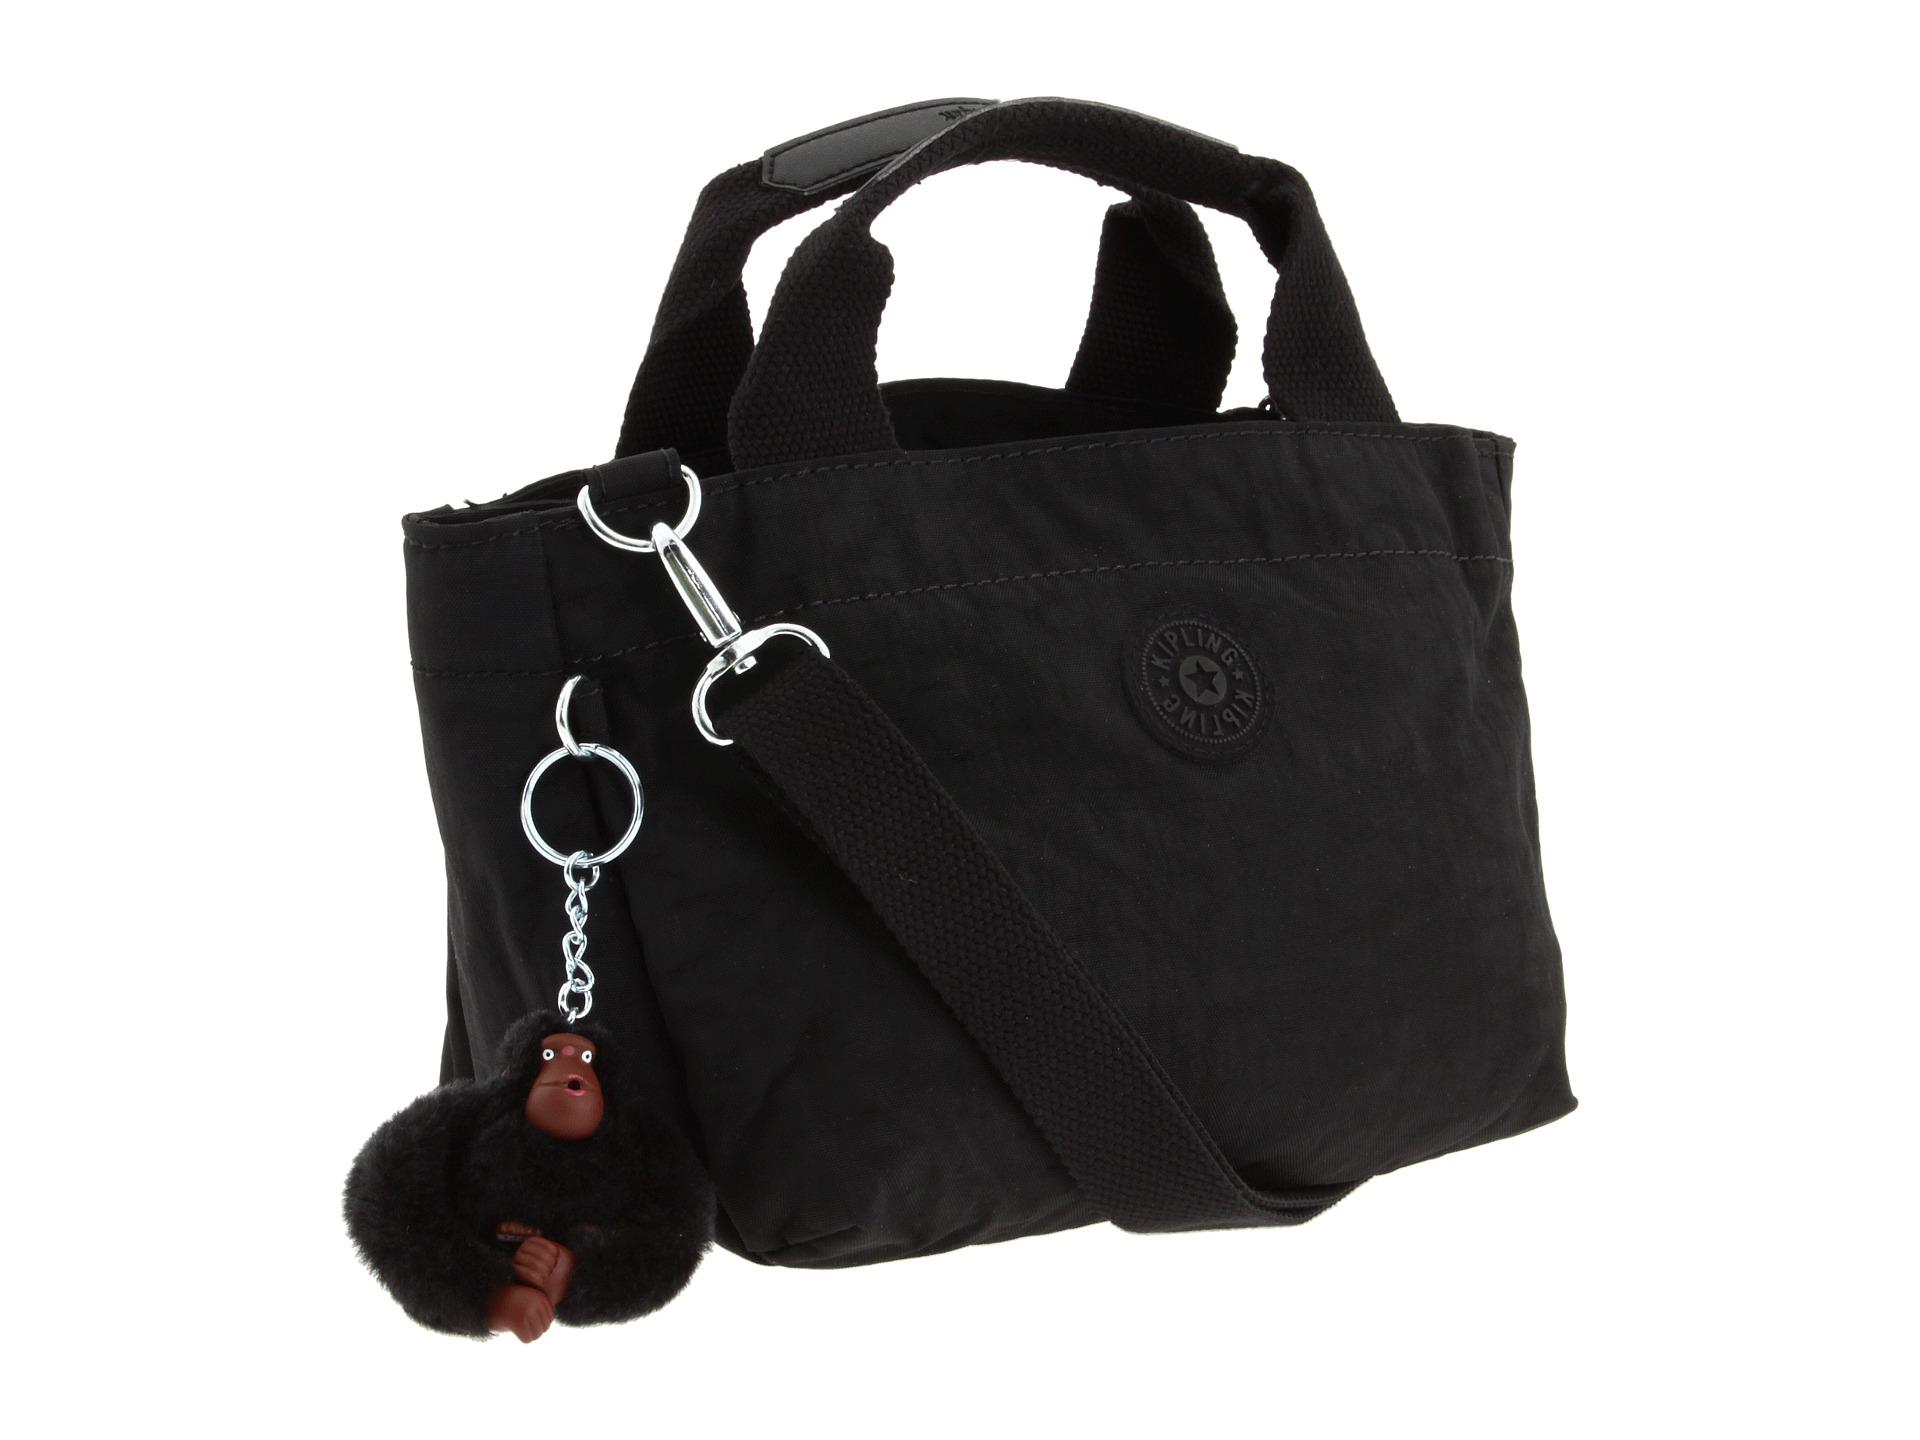 Kipling Sugar Small Handbag Bags Shipped Free At Zappos